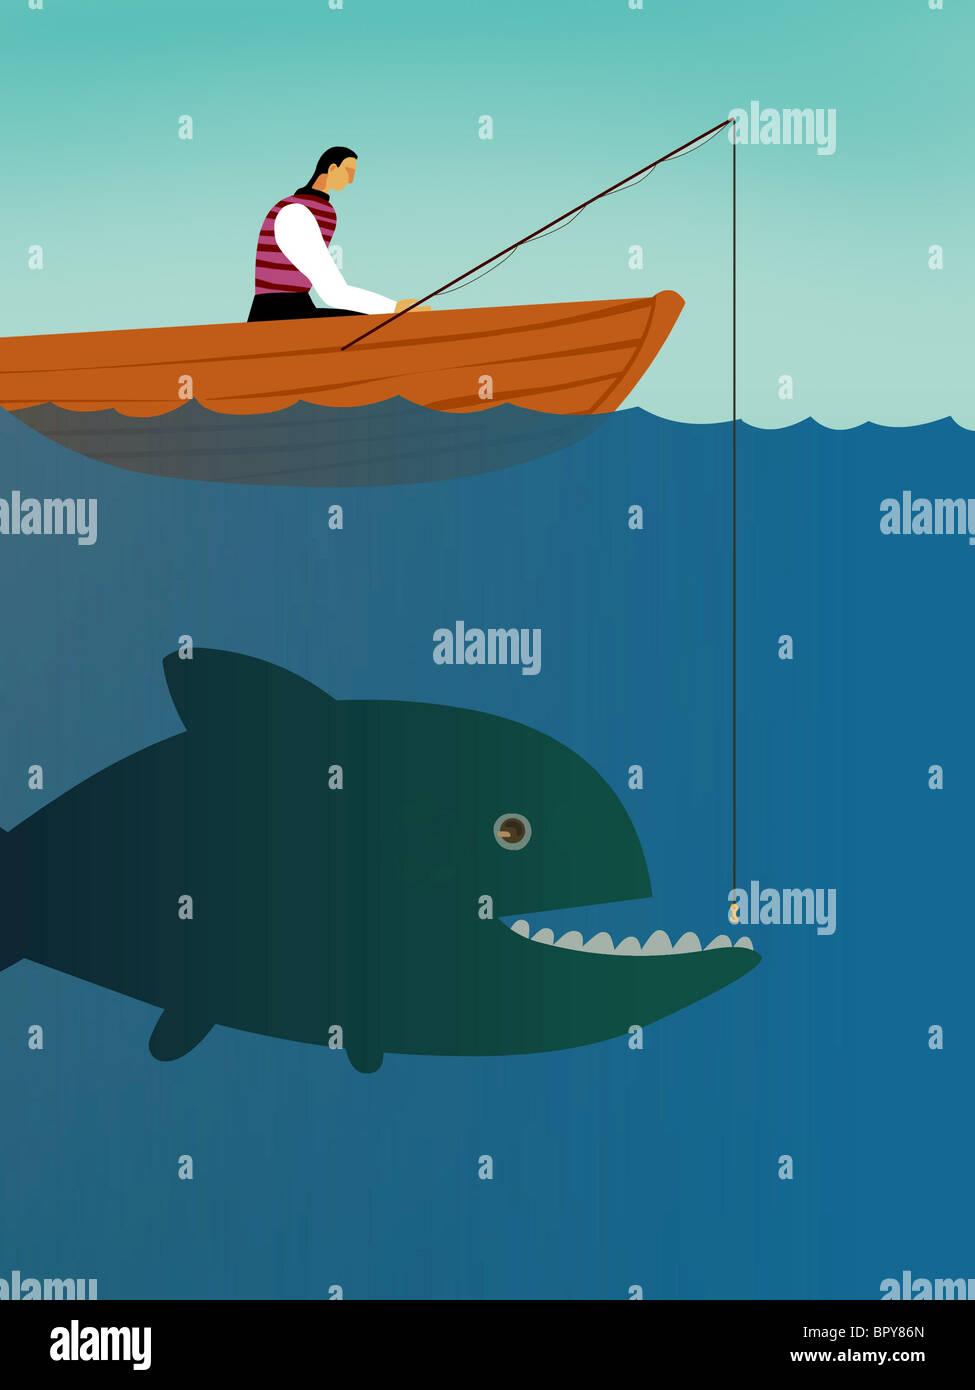 Un imprenditore su una barca che cerca di catturare un grande pesce Immagini Stock